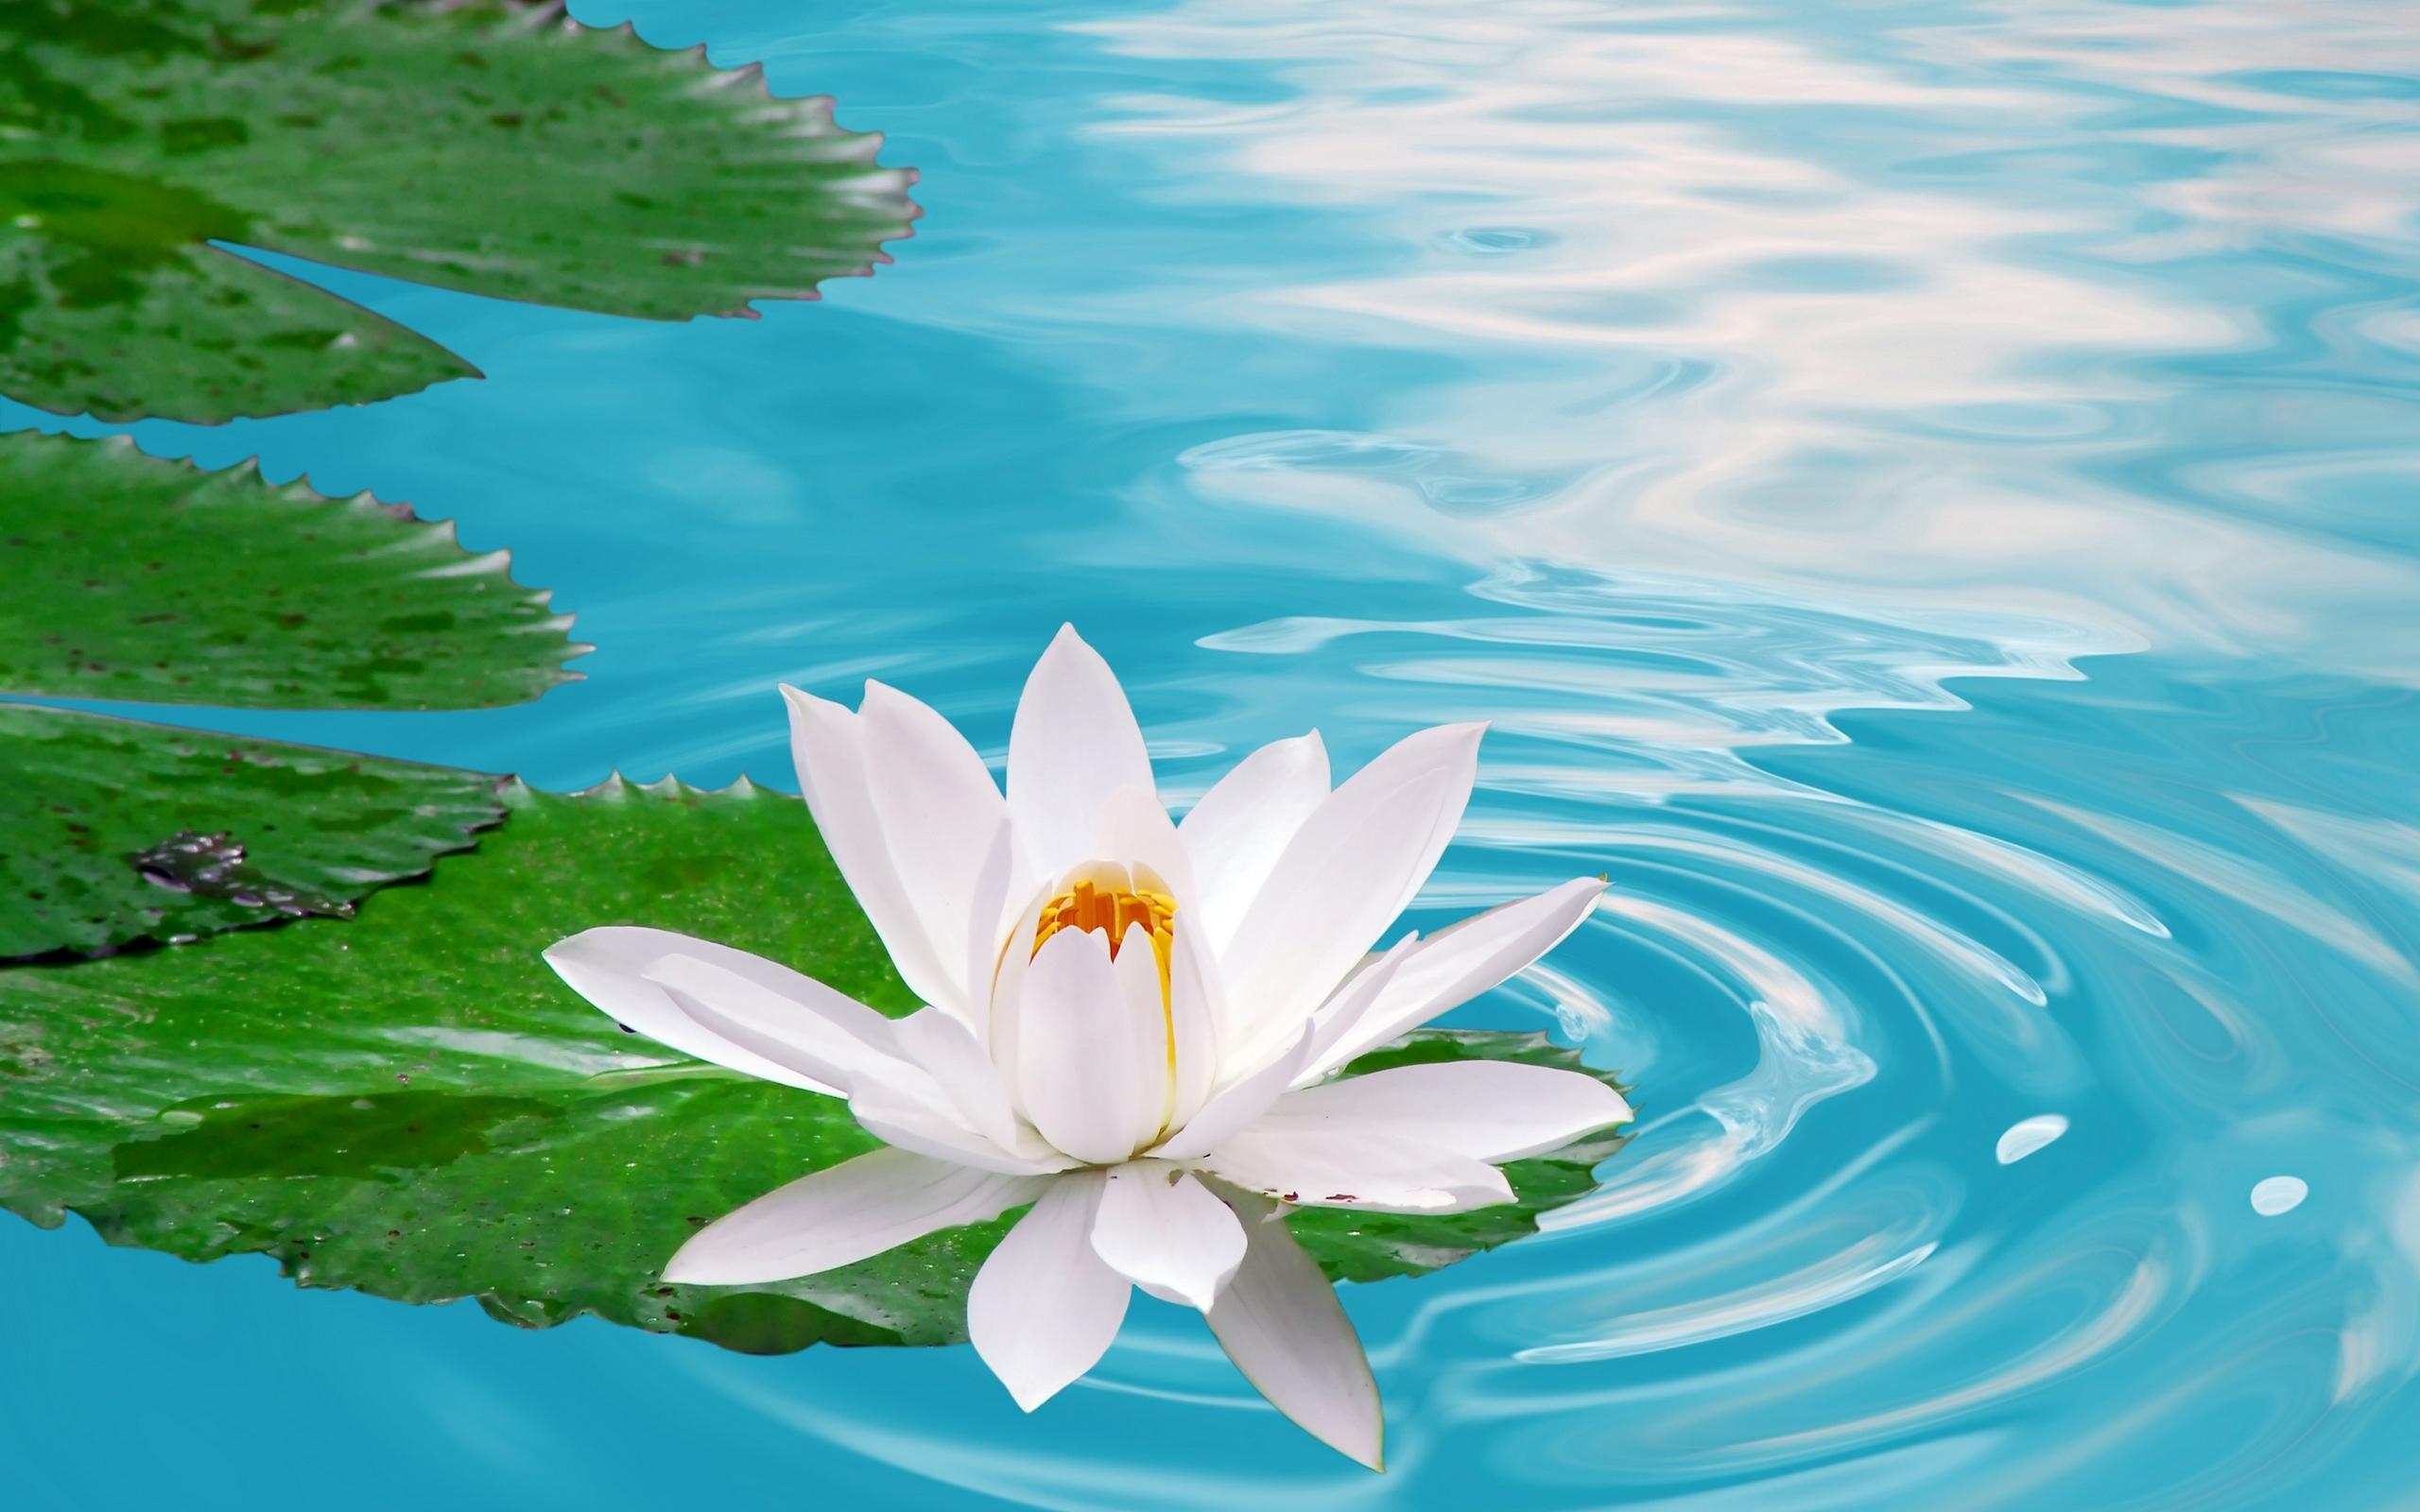 Lotus Flower Wallpapers Wallpapersafari